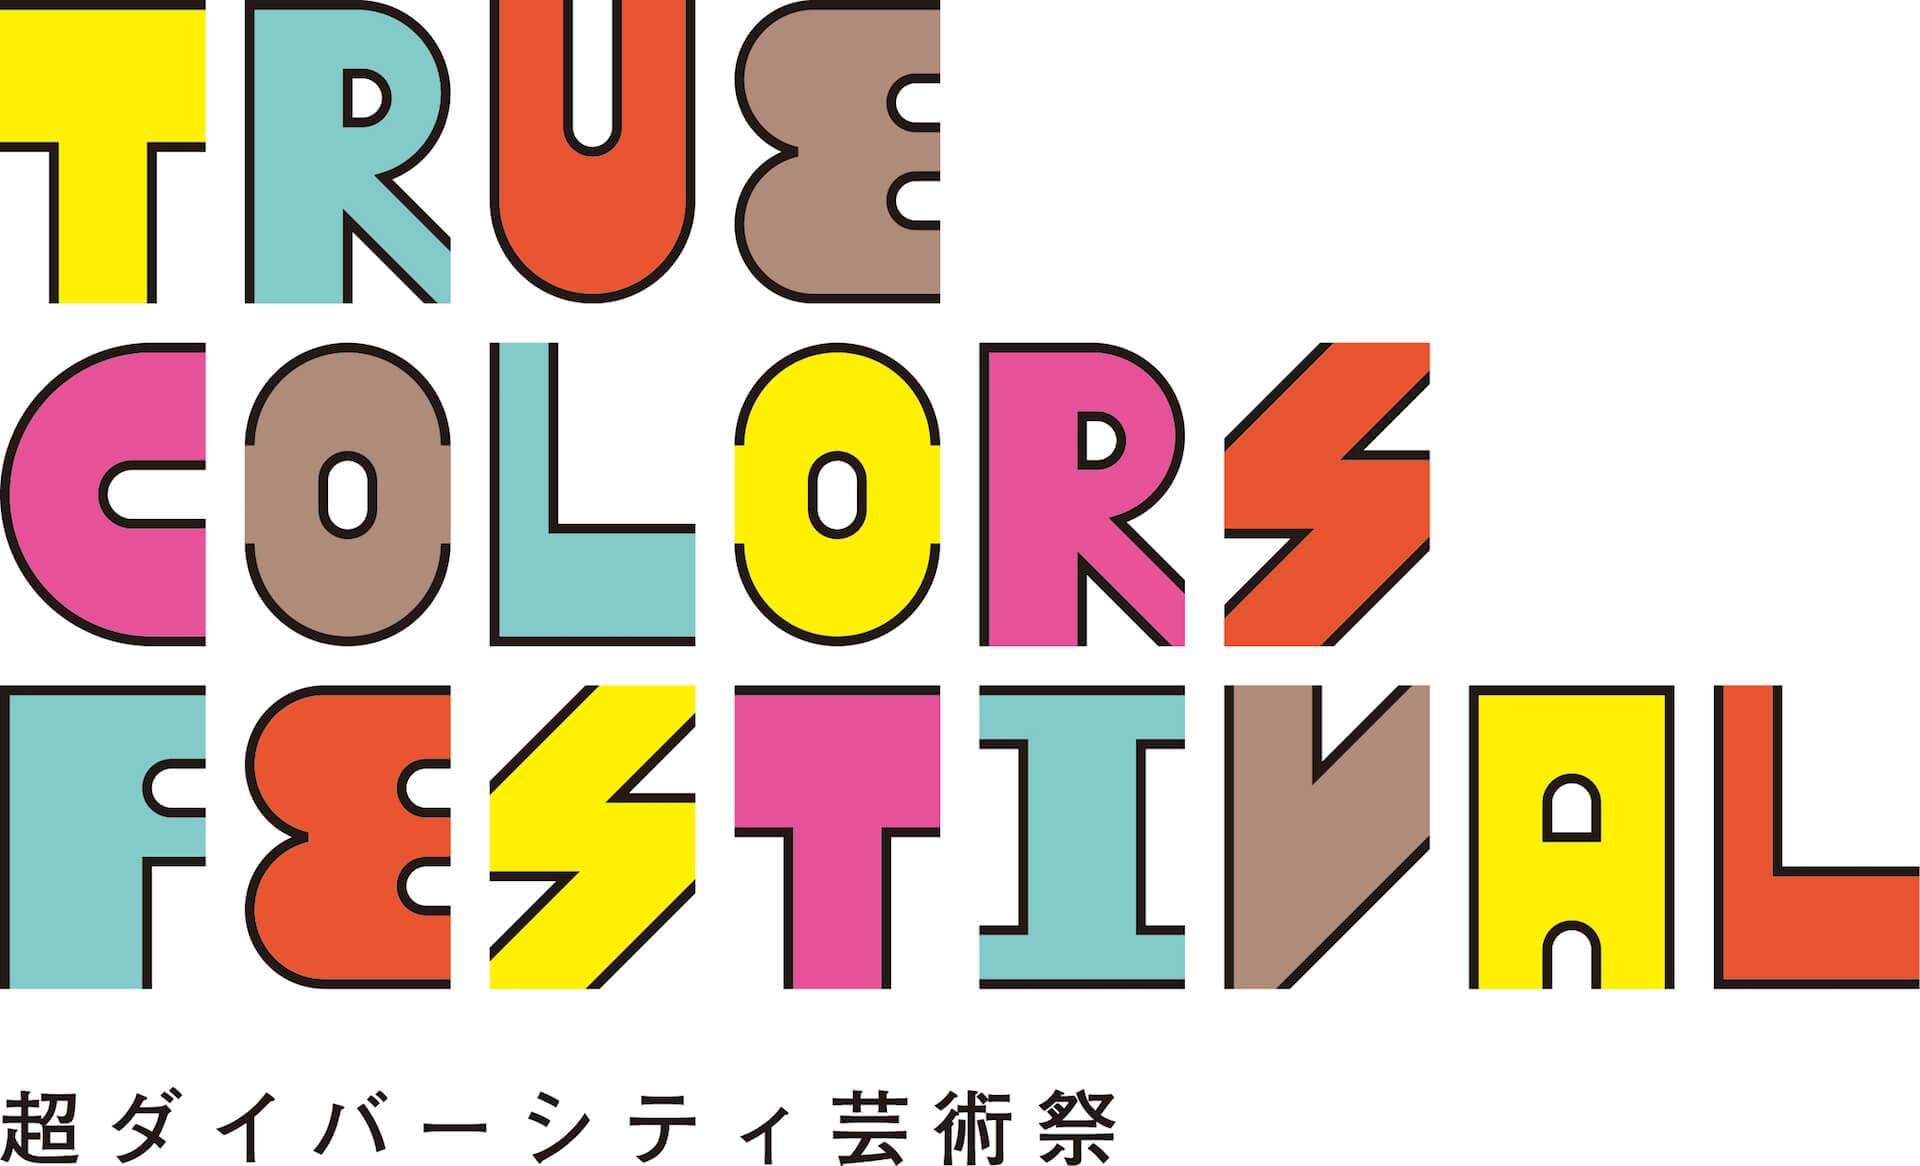 True Colors Beatsのイベントディレクター、 サンティアゴ・バスケスに聞く100名と作り上げる音楽ワークショップとは interview191000-truecolors2020-10